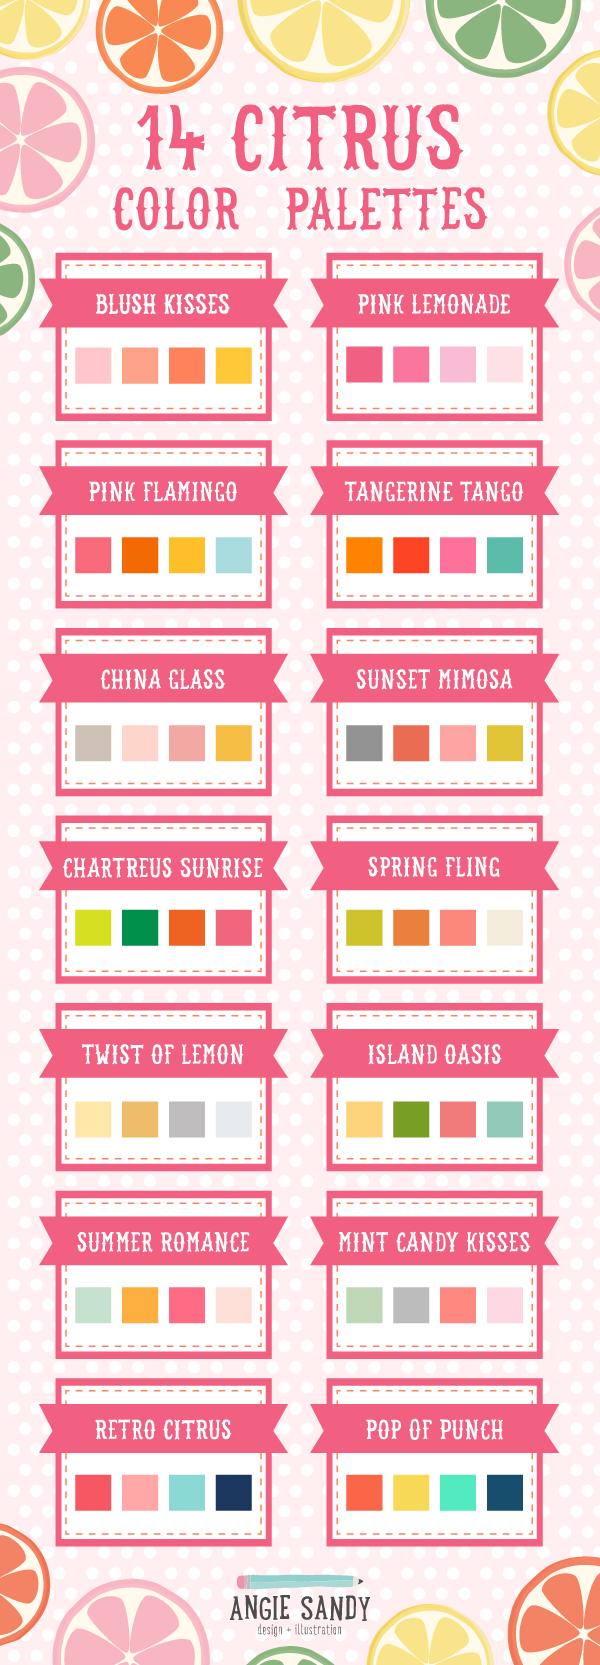 14 Citrus Color Palettes   Angie Sandy Art Licensing & Design #angiesandy #colorpalette #citrus #color